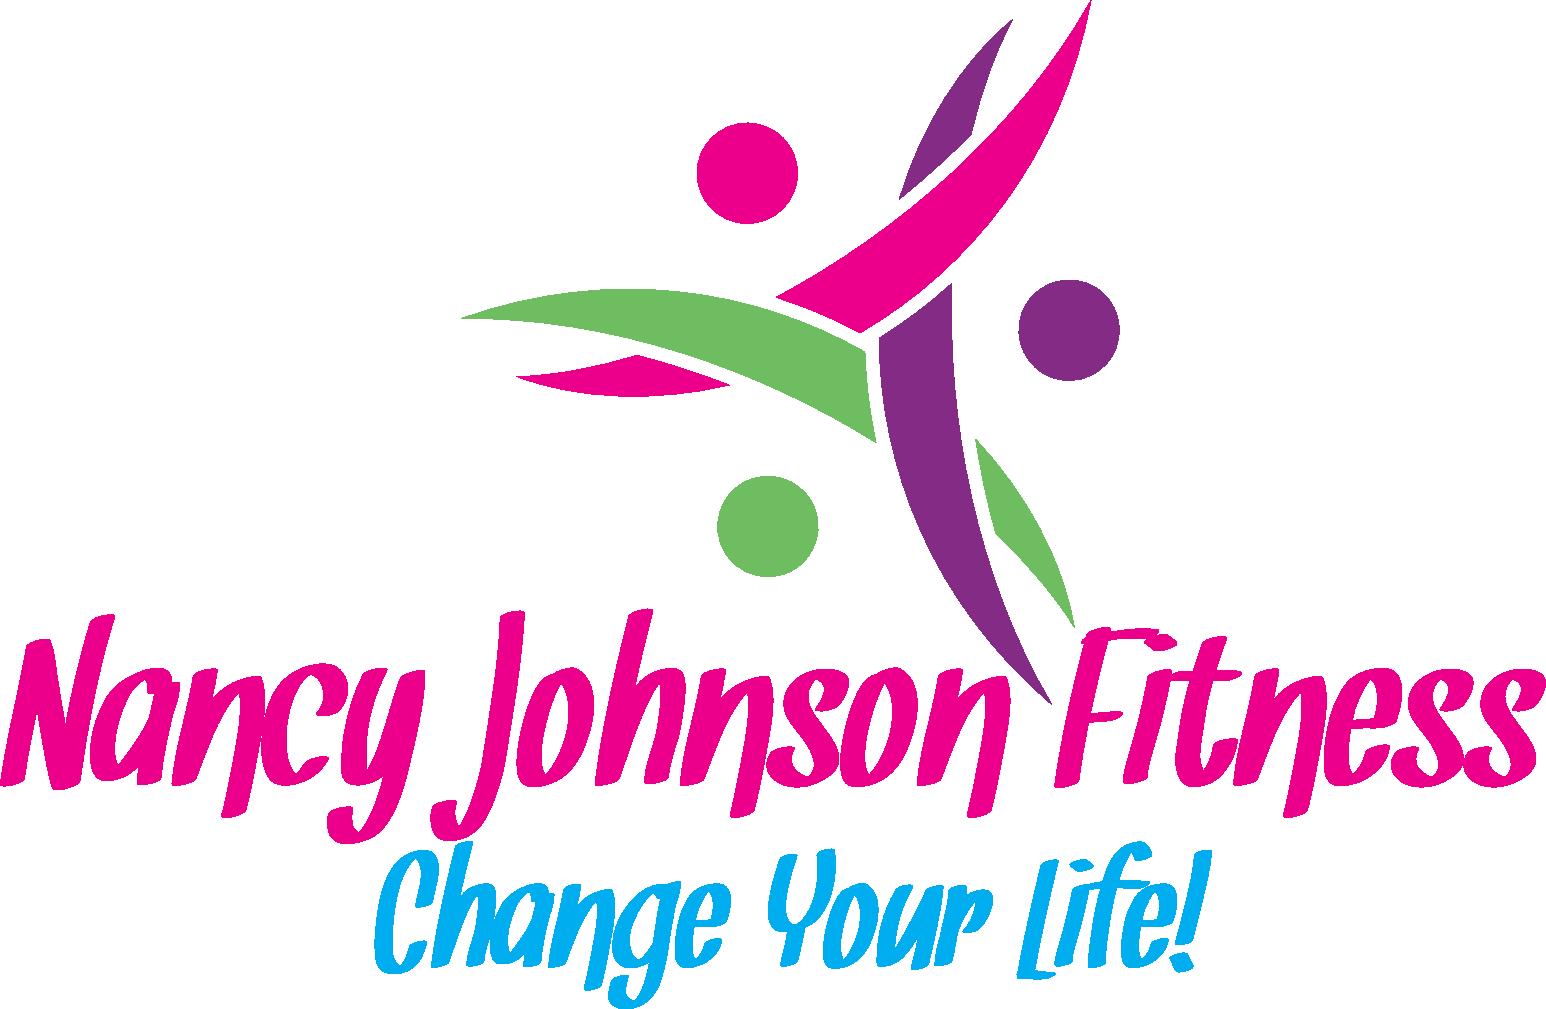 nancy johnson fitness parkbench. Black Bedroom Furniture Sets. Home Design Ideas